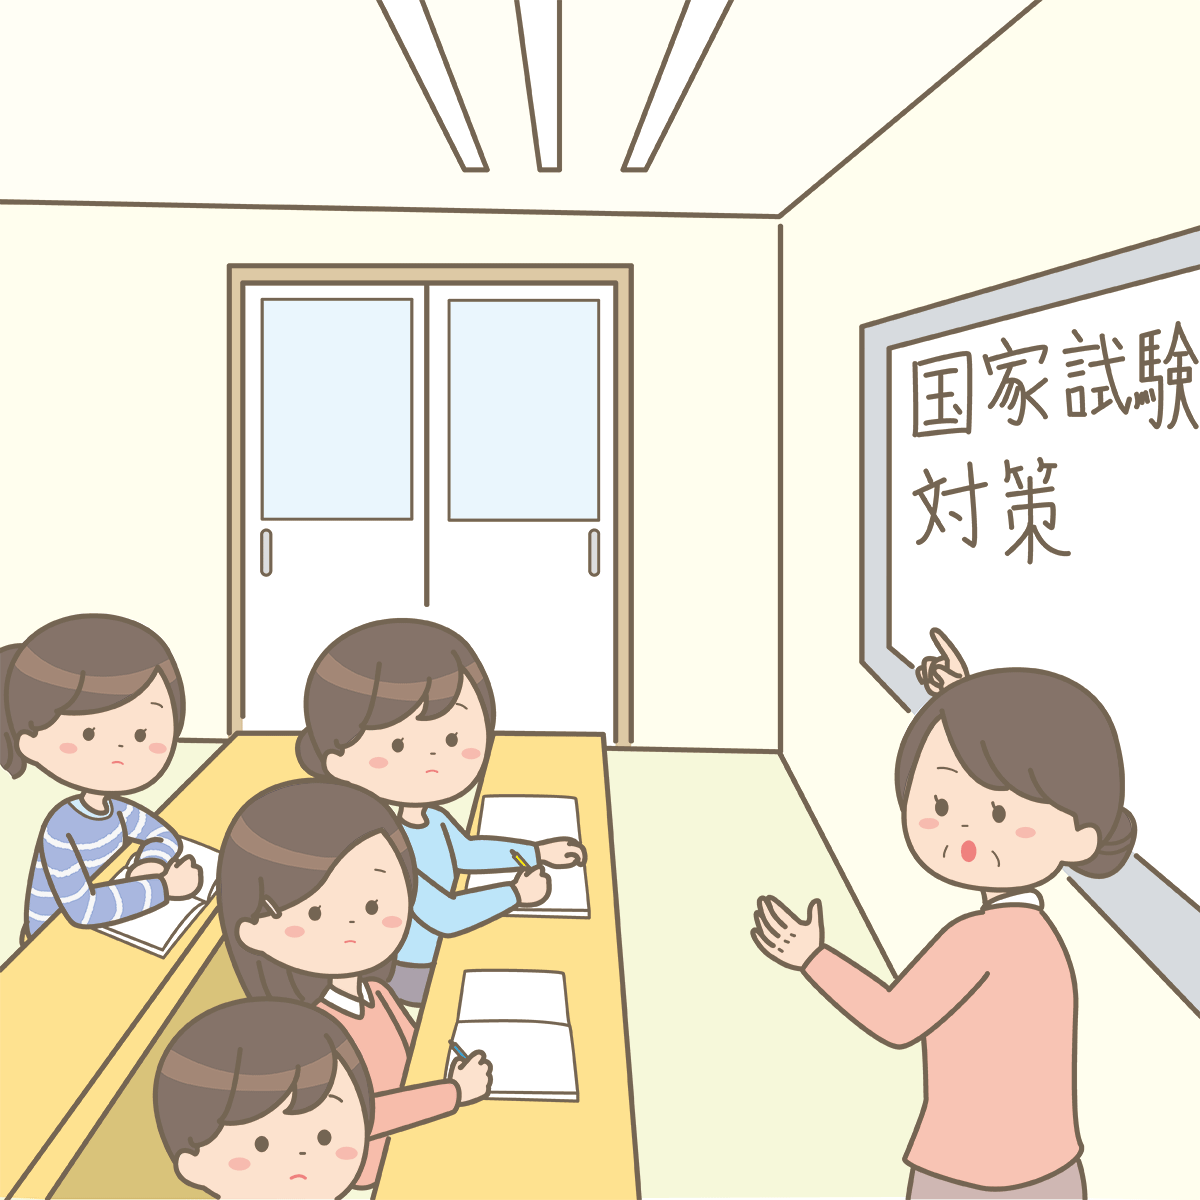 国家試験対策の授業をしているイラスト 看護師国家試験